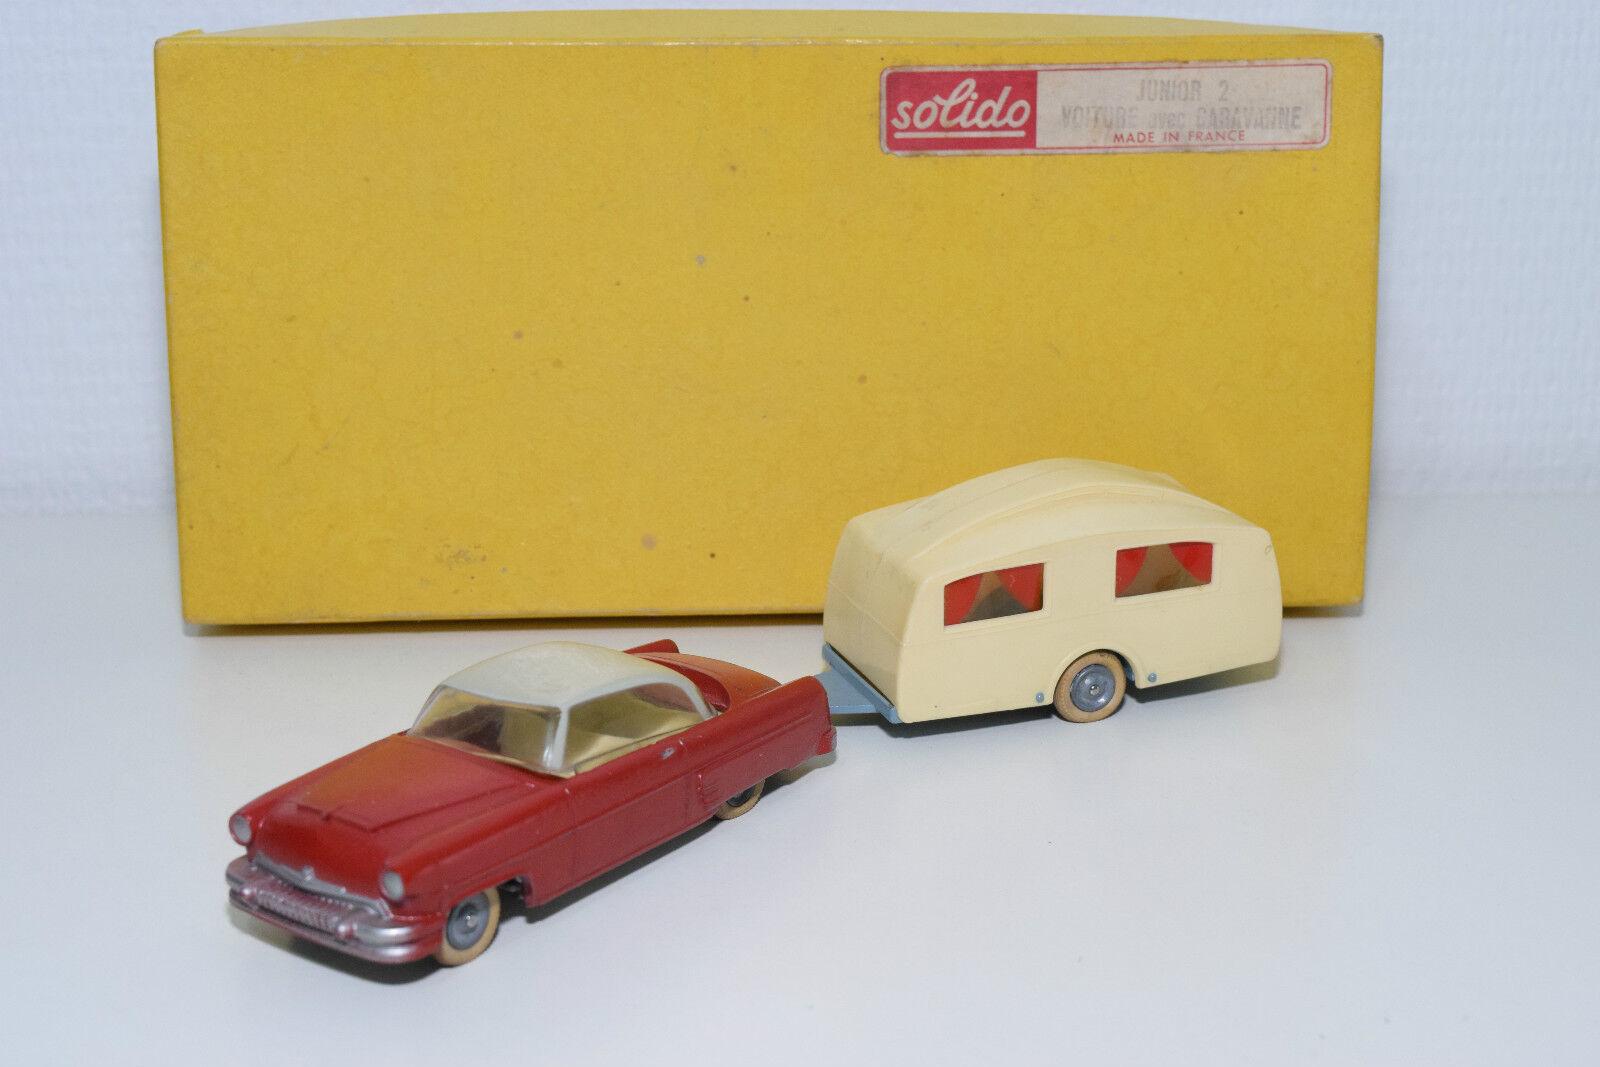 SOLIDO COFFRET GIFT SET JUNIOR 2 CAR WITH CARAVAN VOITURE CARAVANNE N MINT BOXED